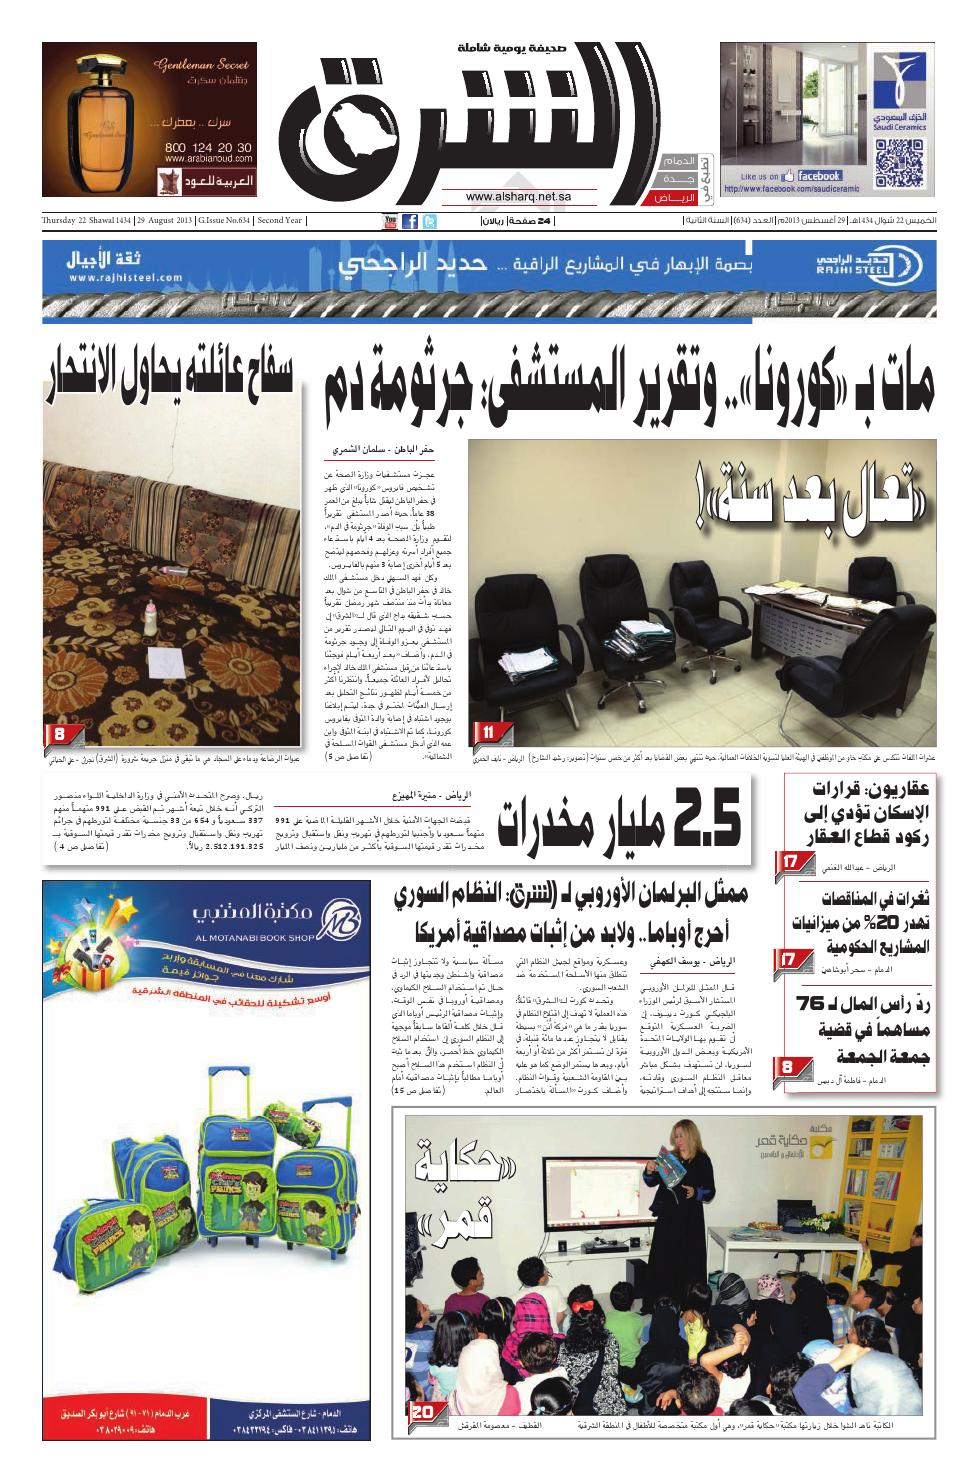 صحيفة الشرق العدد 634 نسخة الرياض By صحيفة الشرق